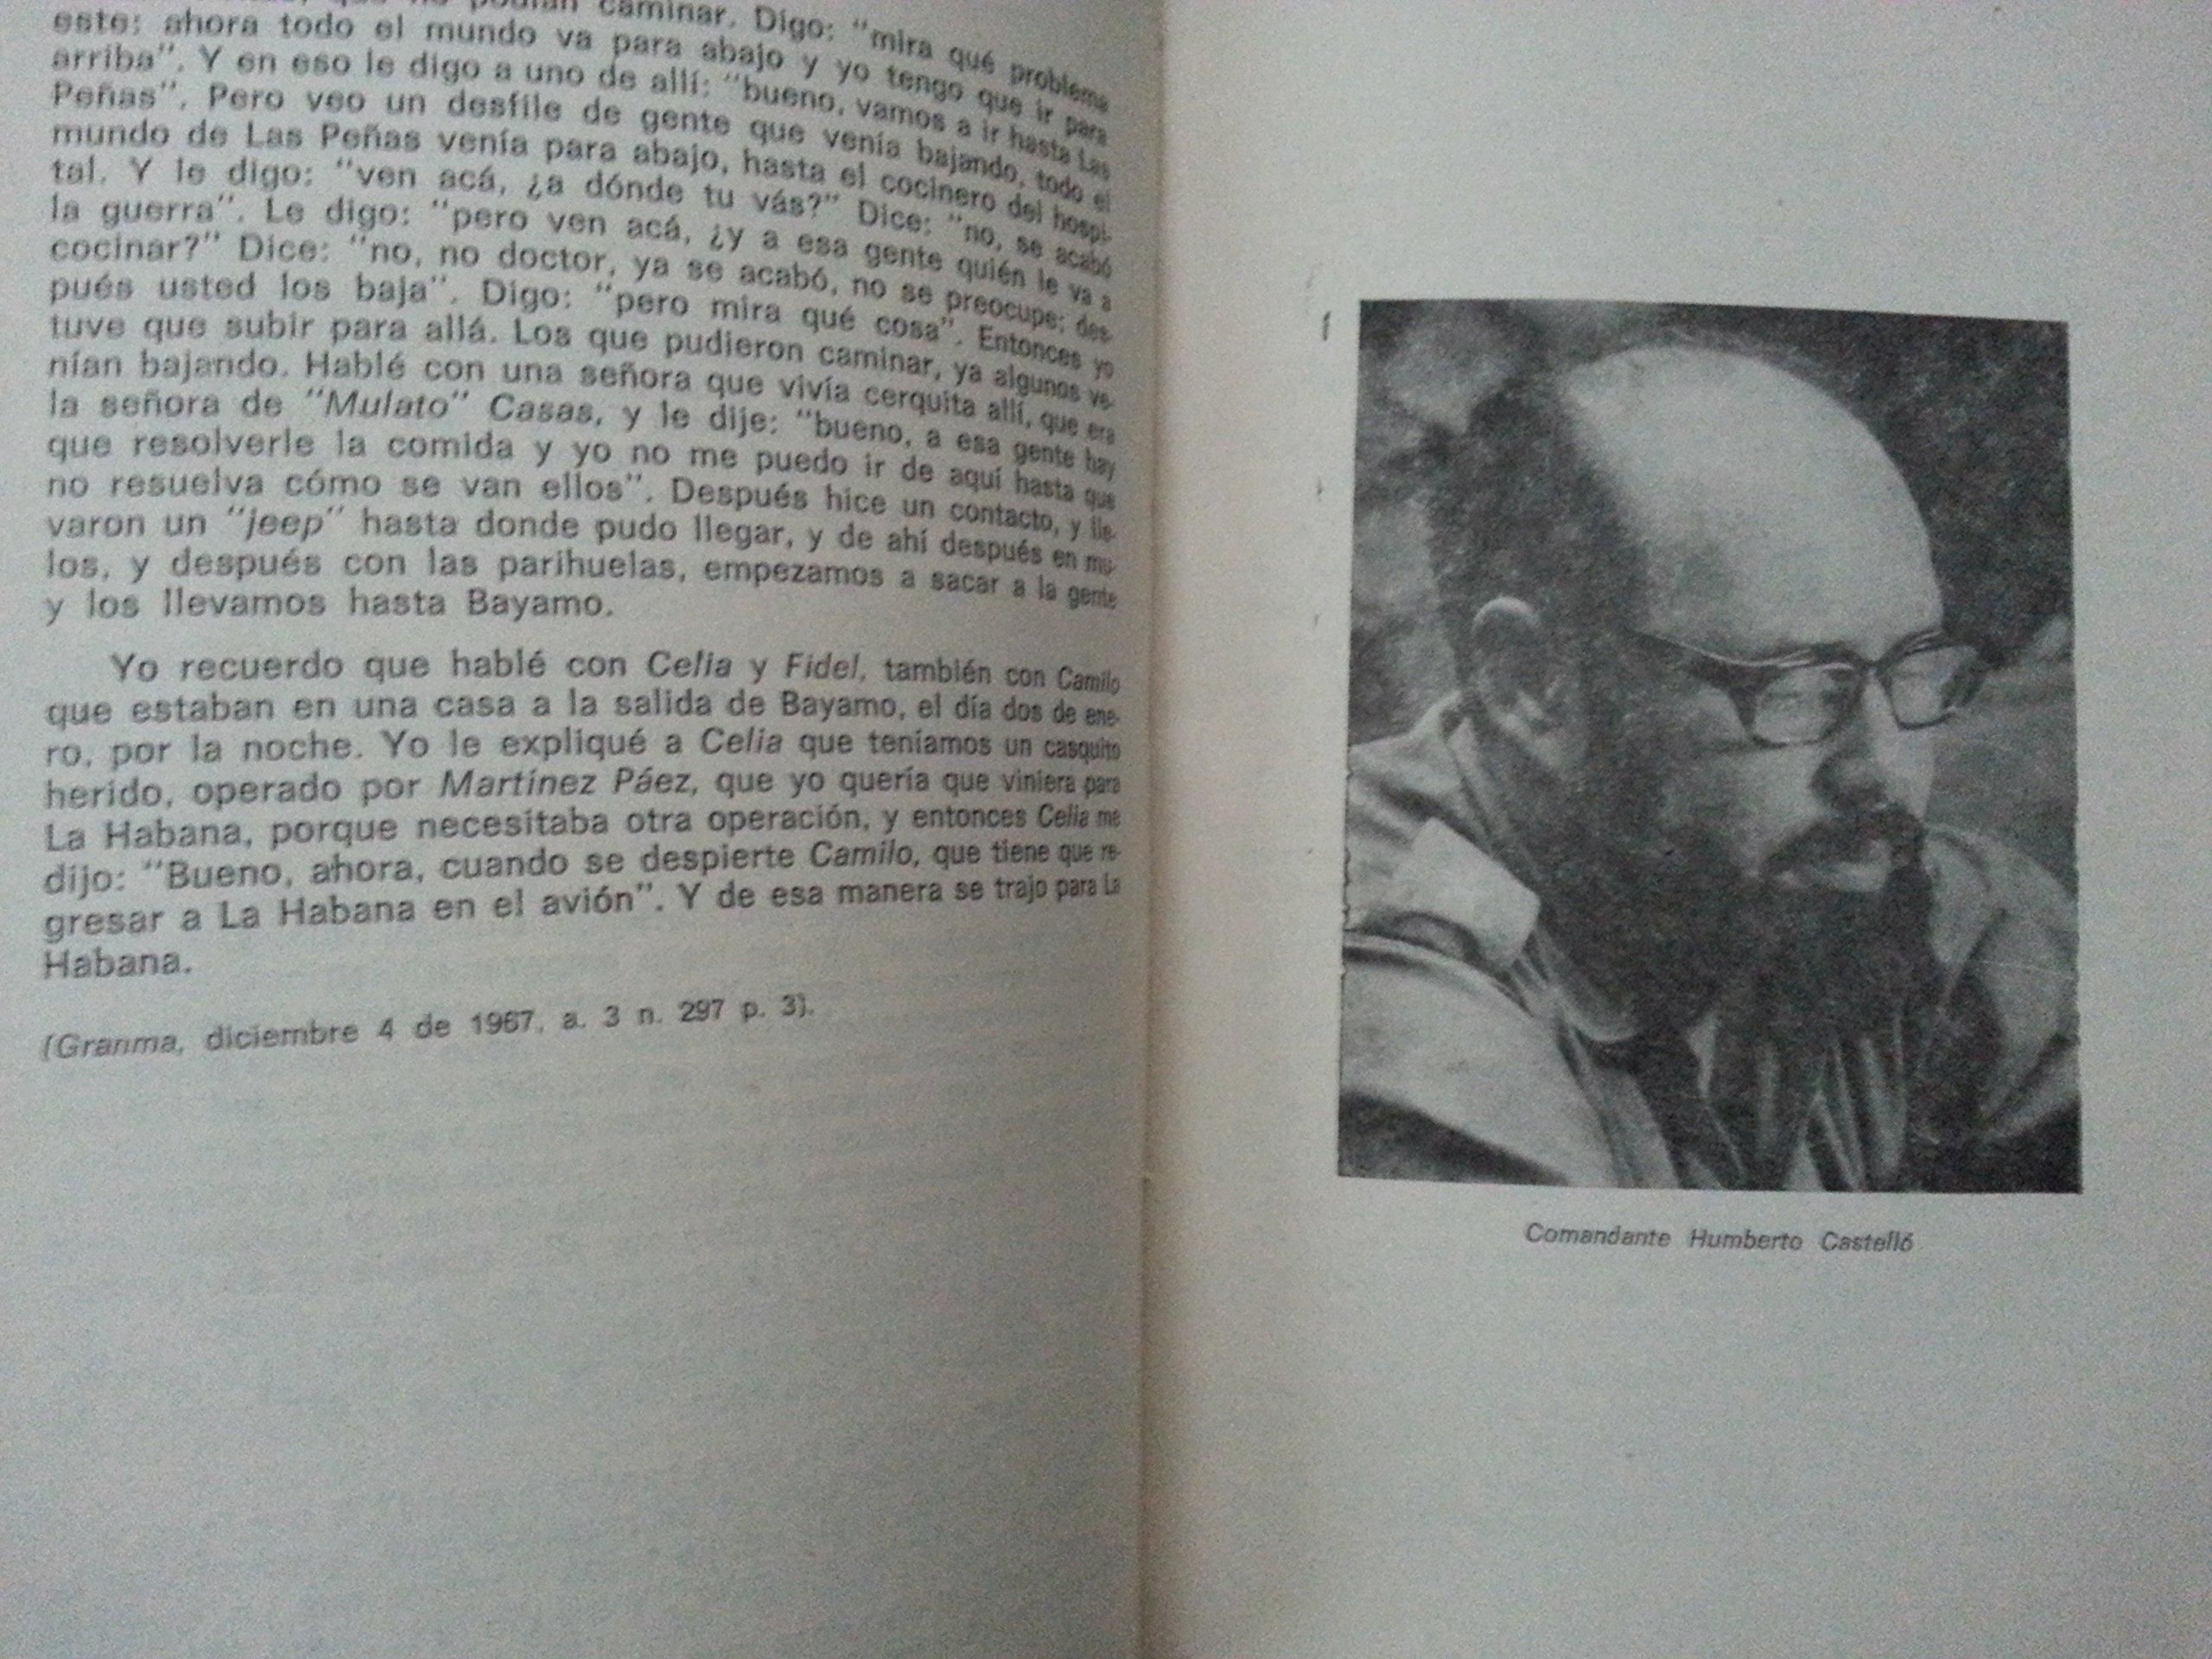 Medicos guerrilleros.testimonios.medicos que estuvieron durante la revolucion cubana de 1959.y en la sierra maestra, primera edicion, 1982.